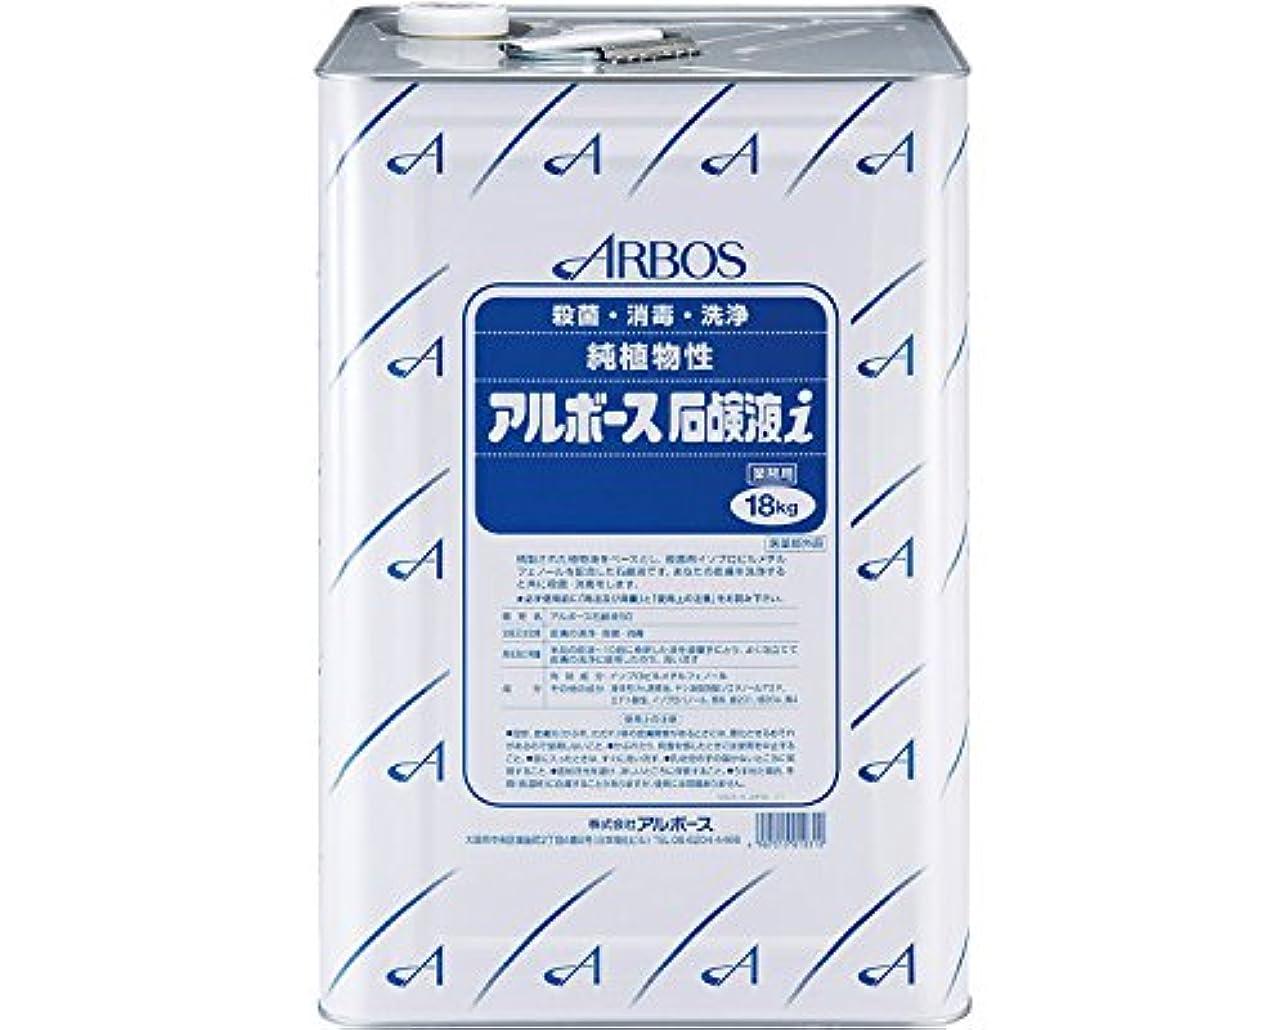 負荷不可能なコンクリートアルボース石鹸液i 18kg (アルボース)